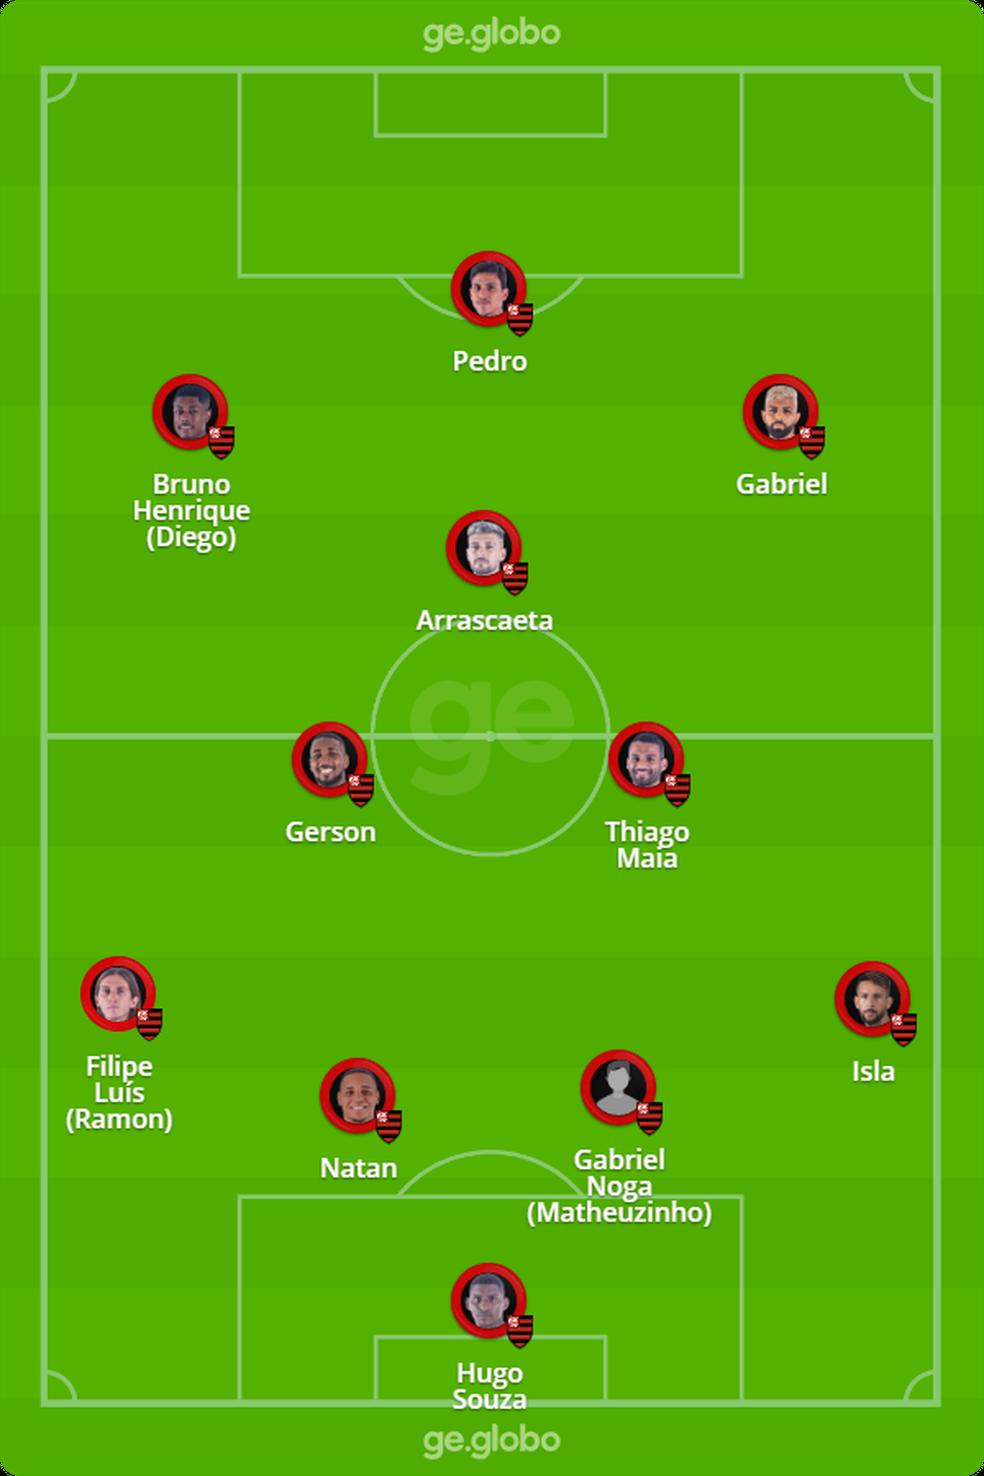 Provável escalação do Flamengo para enfrentar o Del Valle — Foto: ge